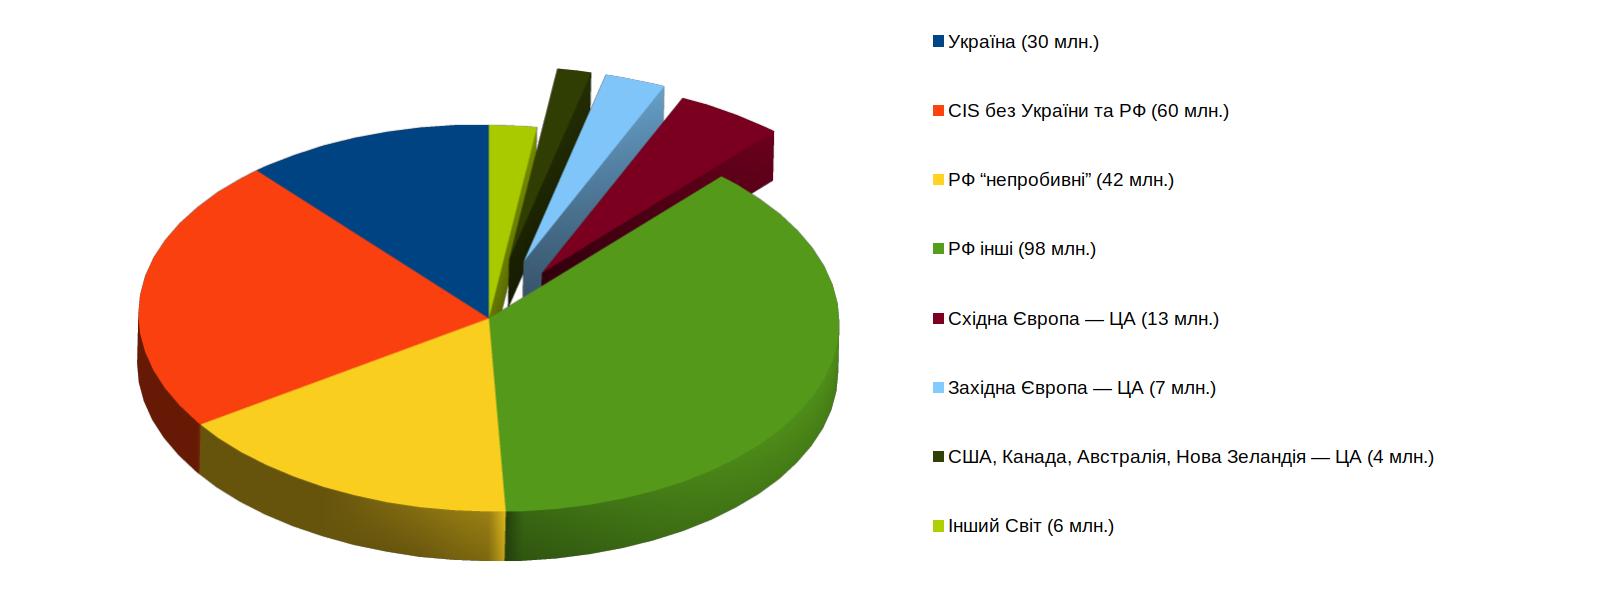 Україна світові російською?